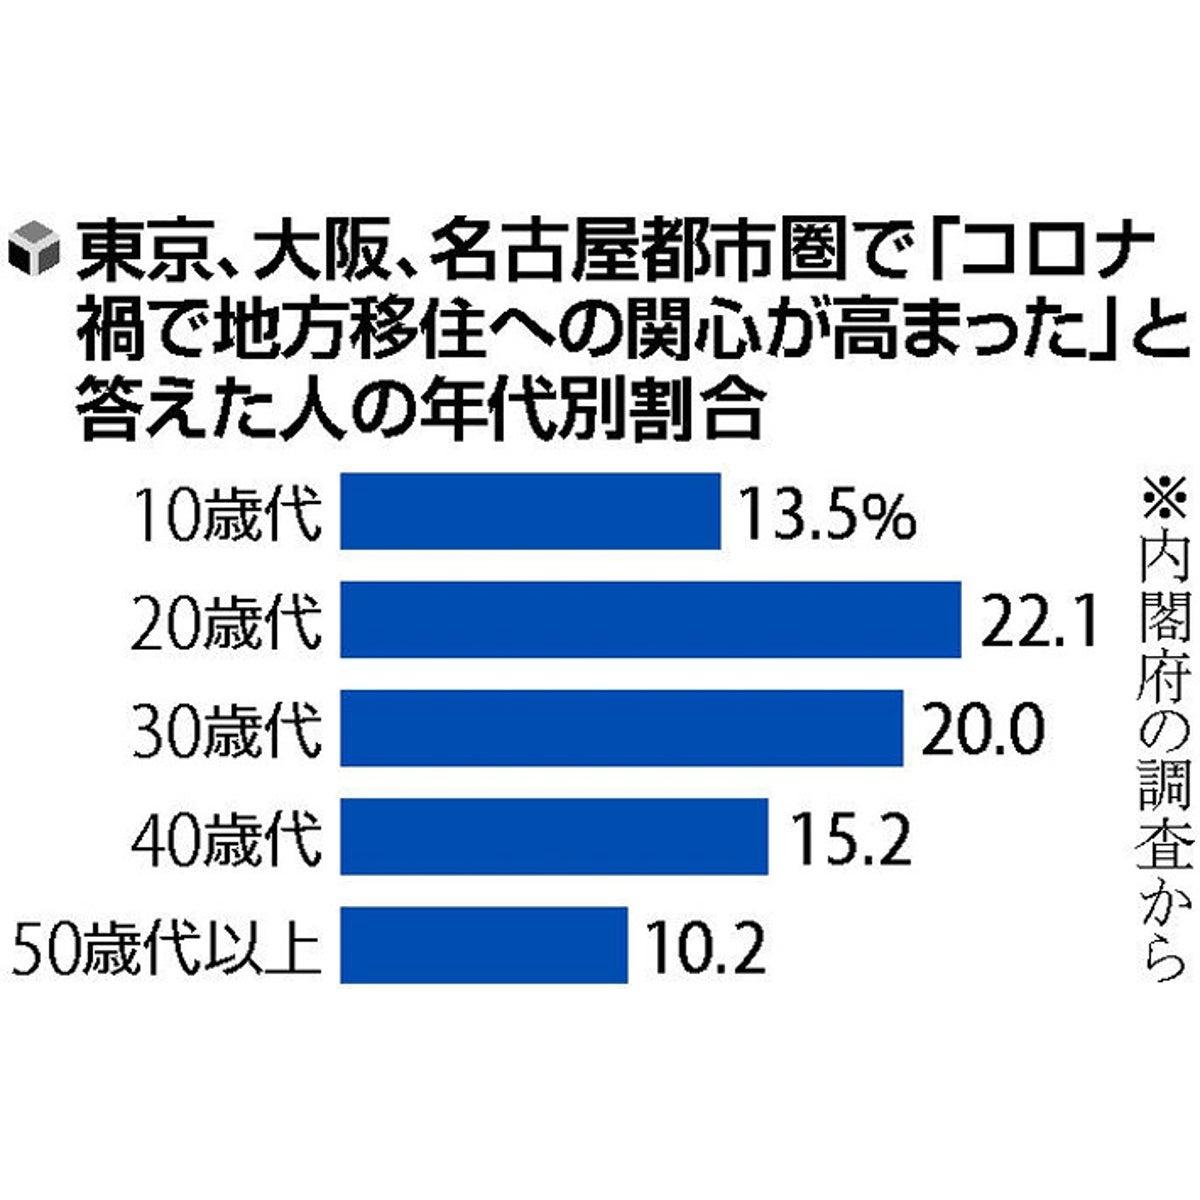 県 速報 山梨 コロナ ニュース